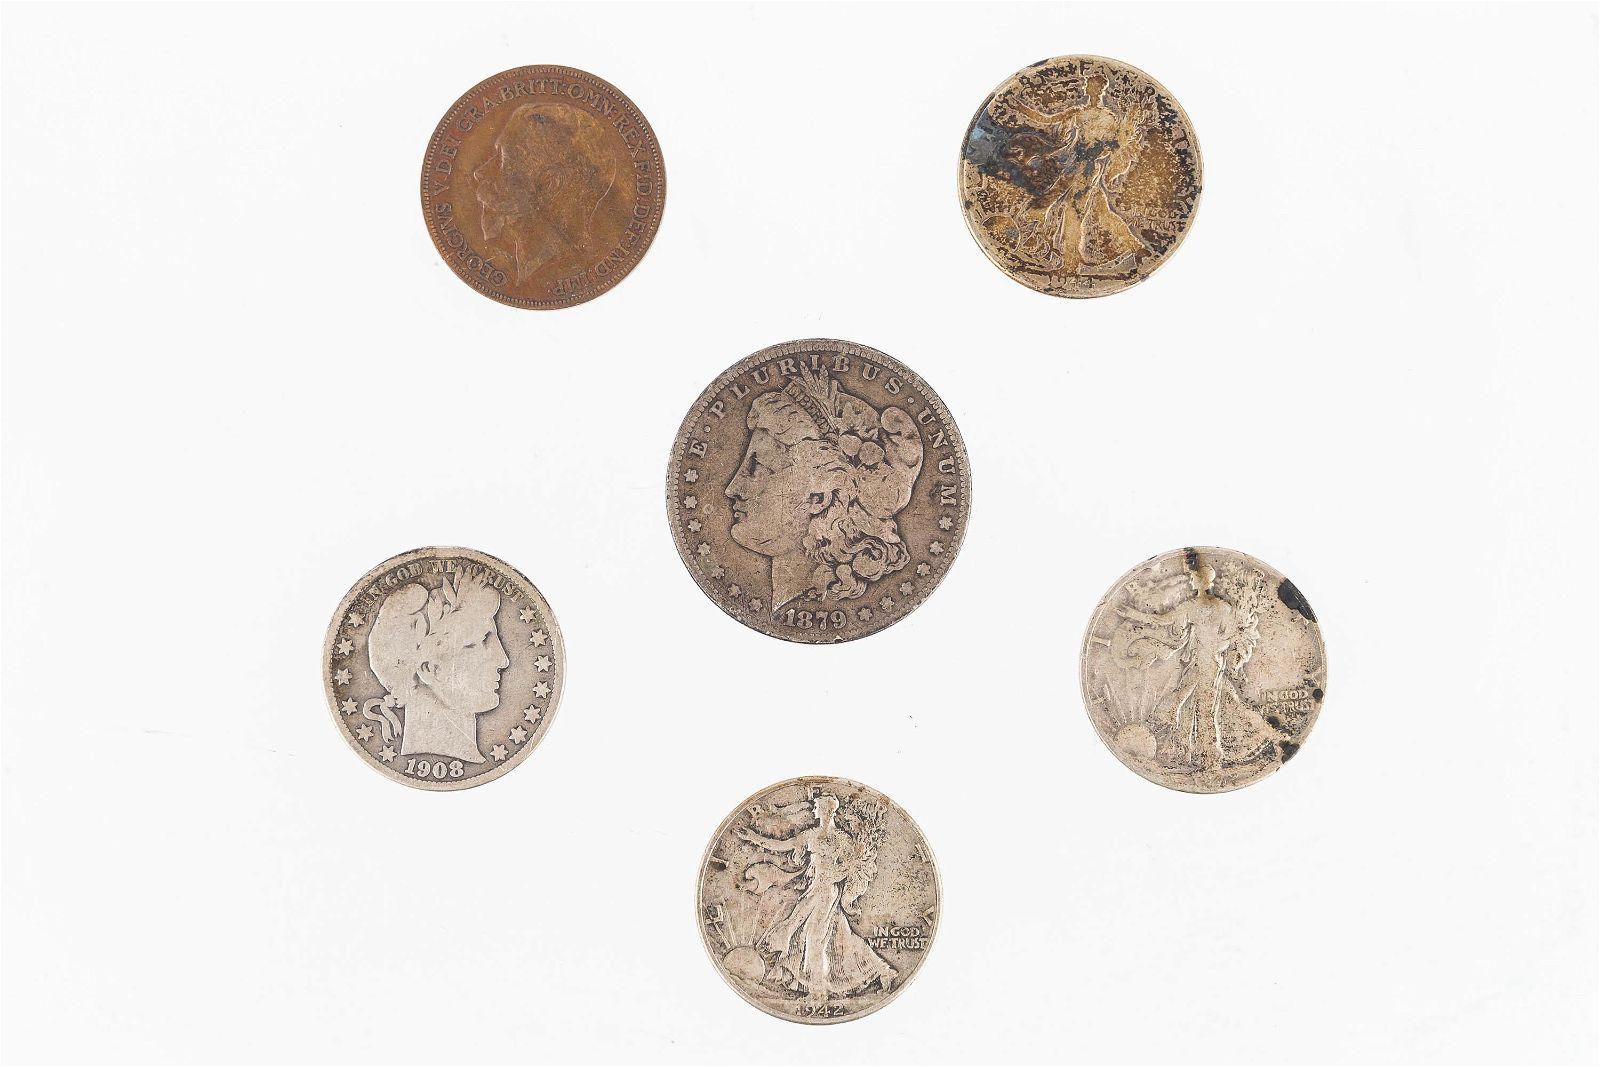 Vintage Silver U.S. Coins